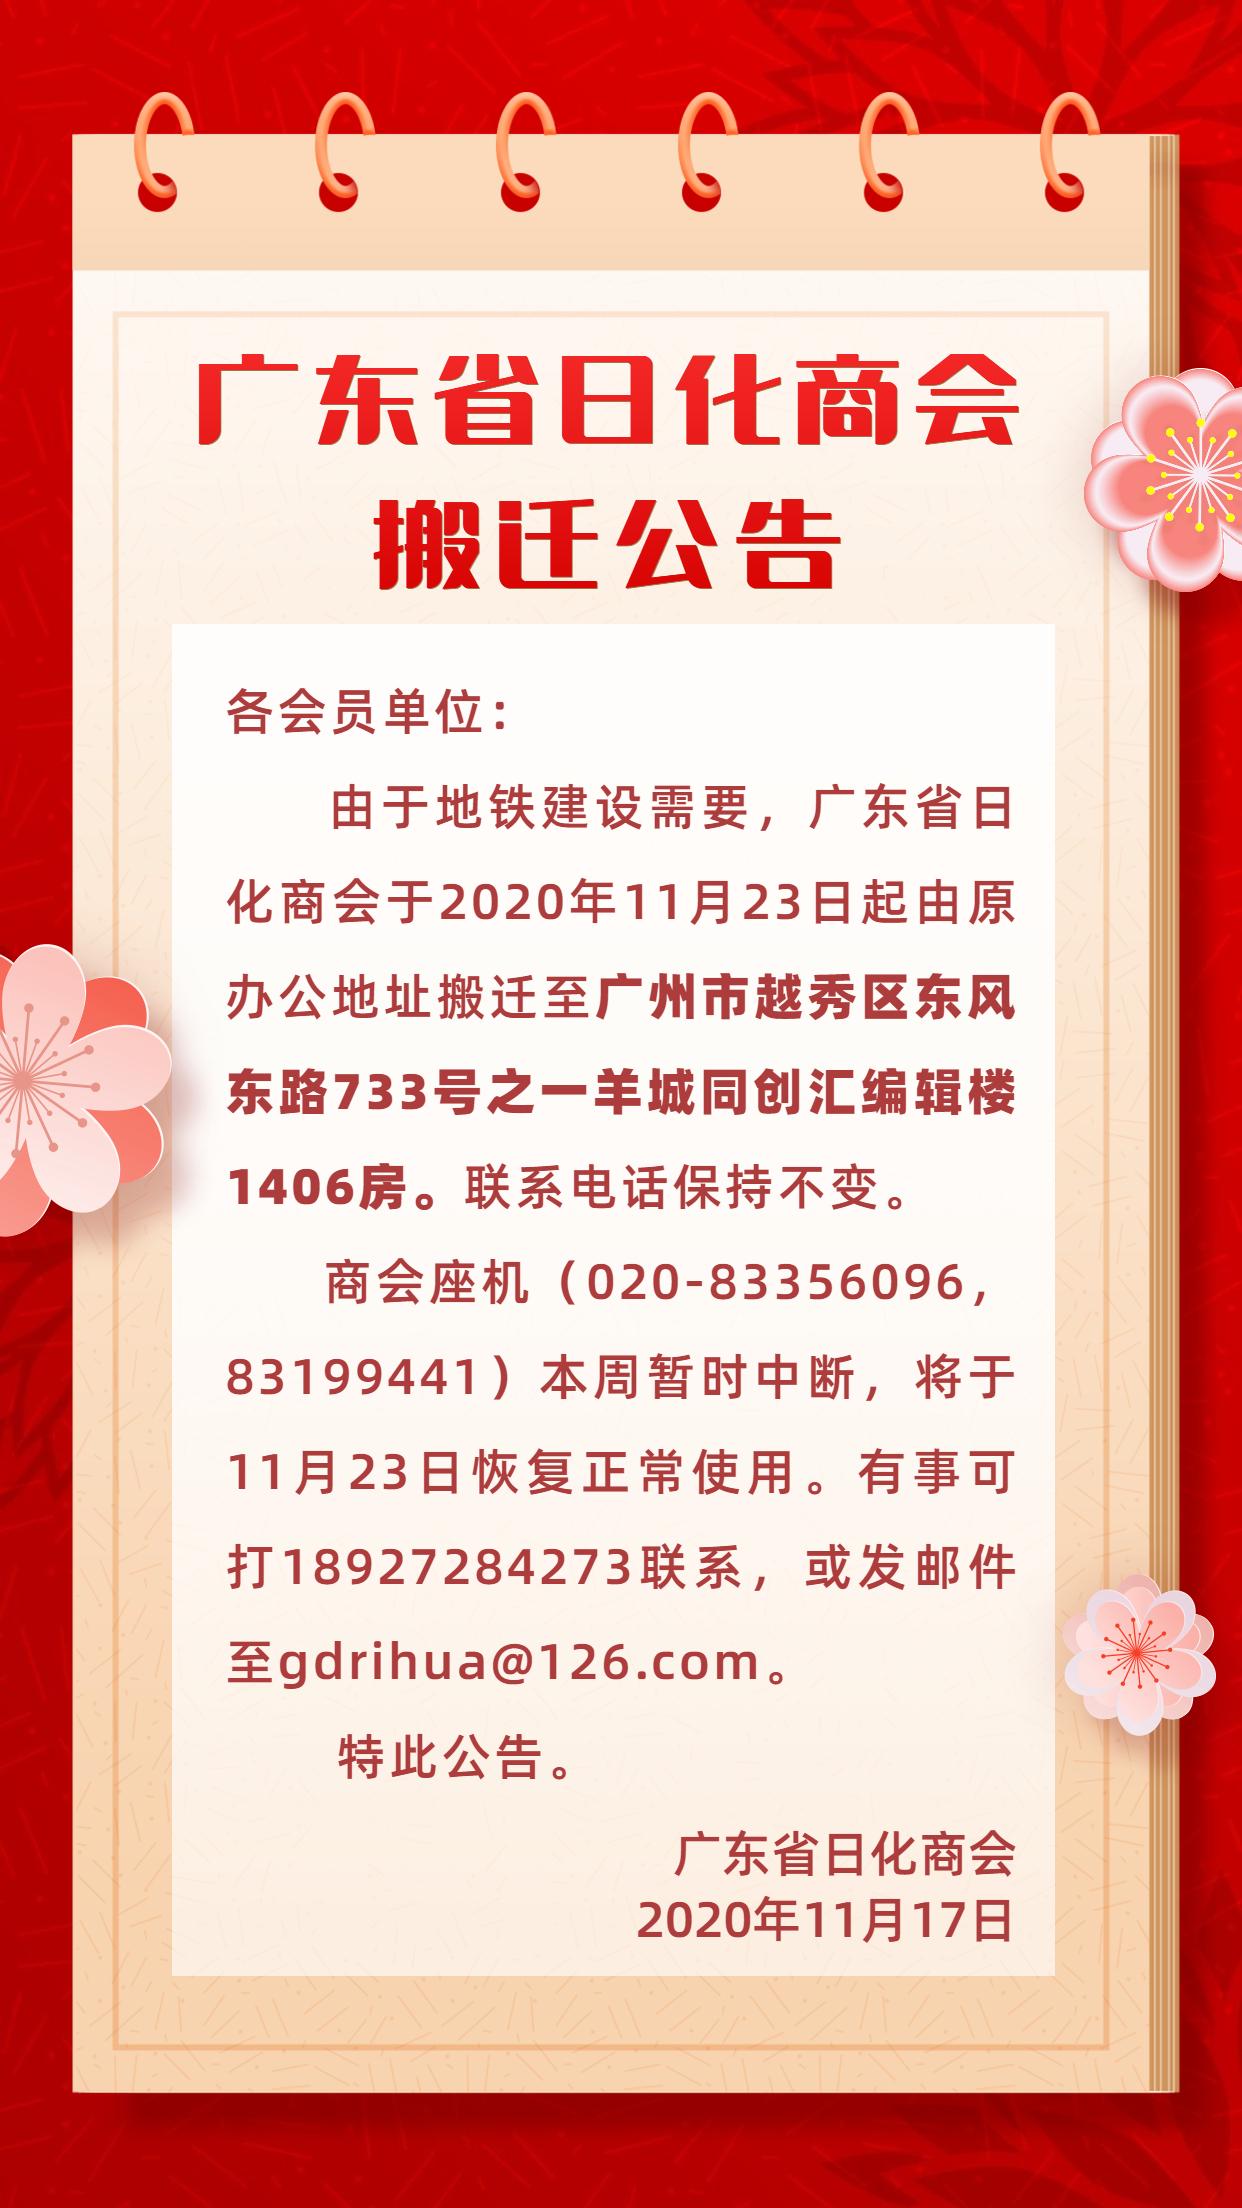 广东省日化商会搬迁公告